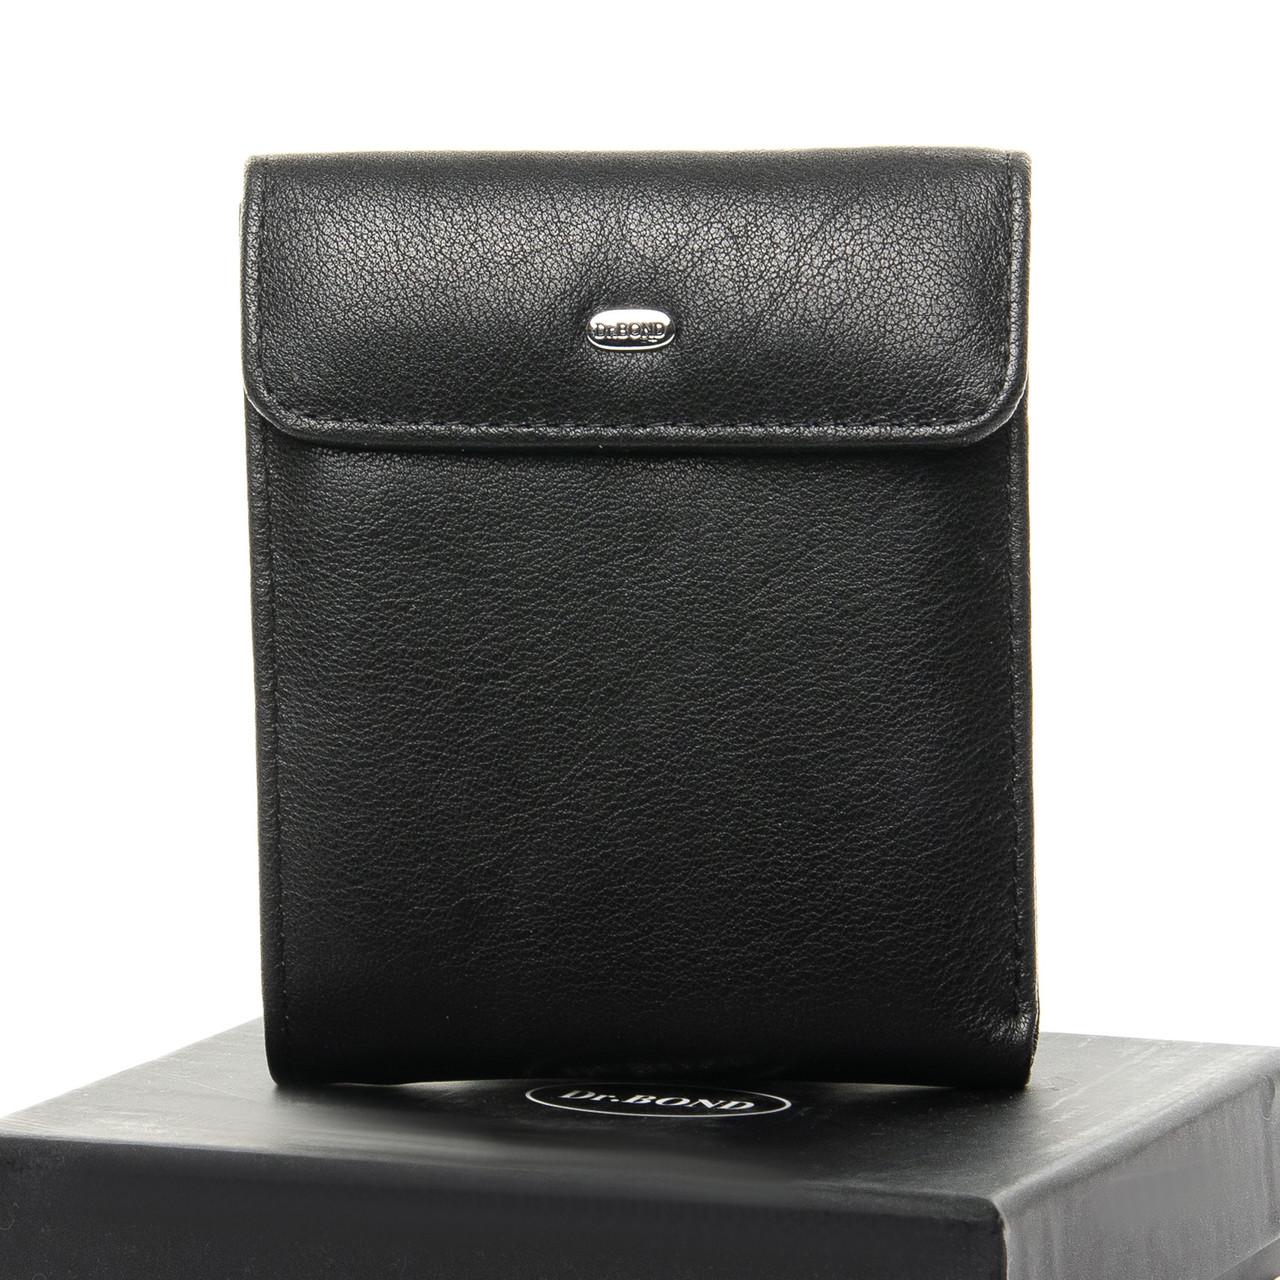 Шкіряний чоловічий гаманець / Кожаный мужской кошелек DR. BOND M55 black